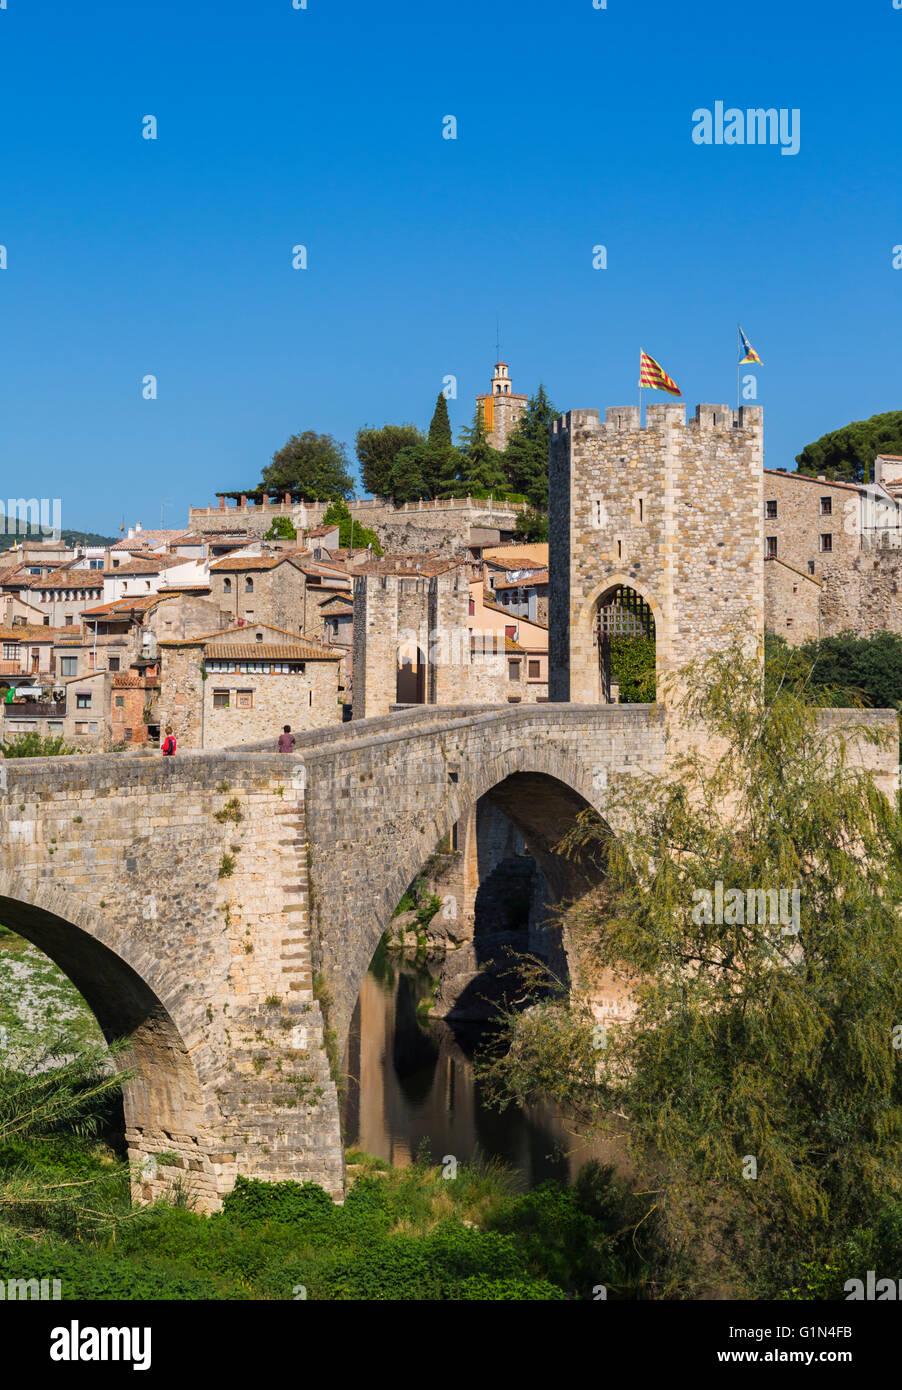 Besalu, provincia di Girona, in Catalogna, Spagna. Ponte fortificato conosciuta come El Pont Vell, il vecchio ponte Immagini Stock